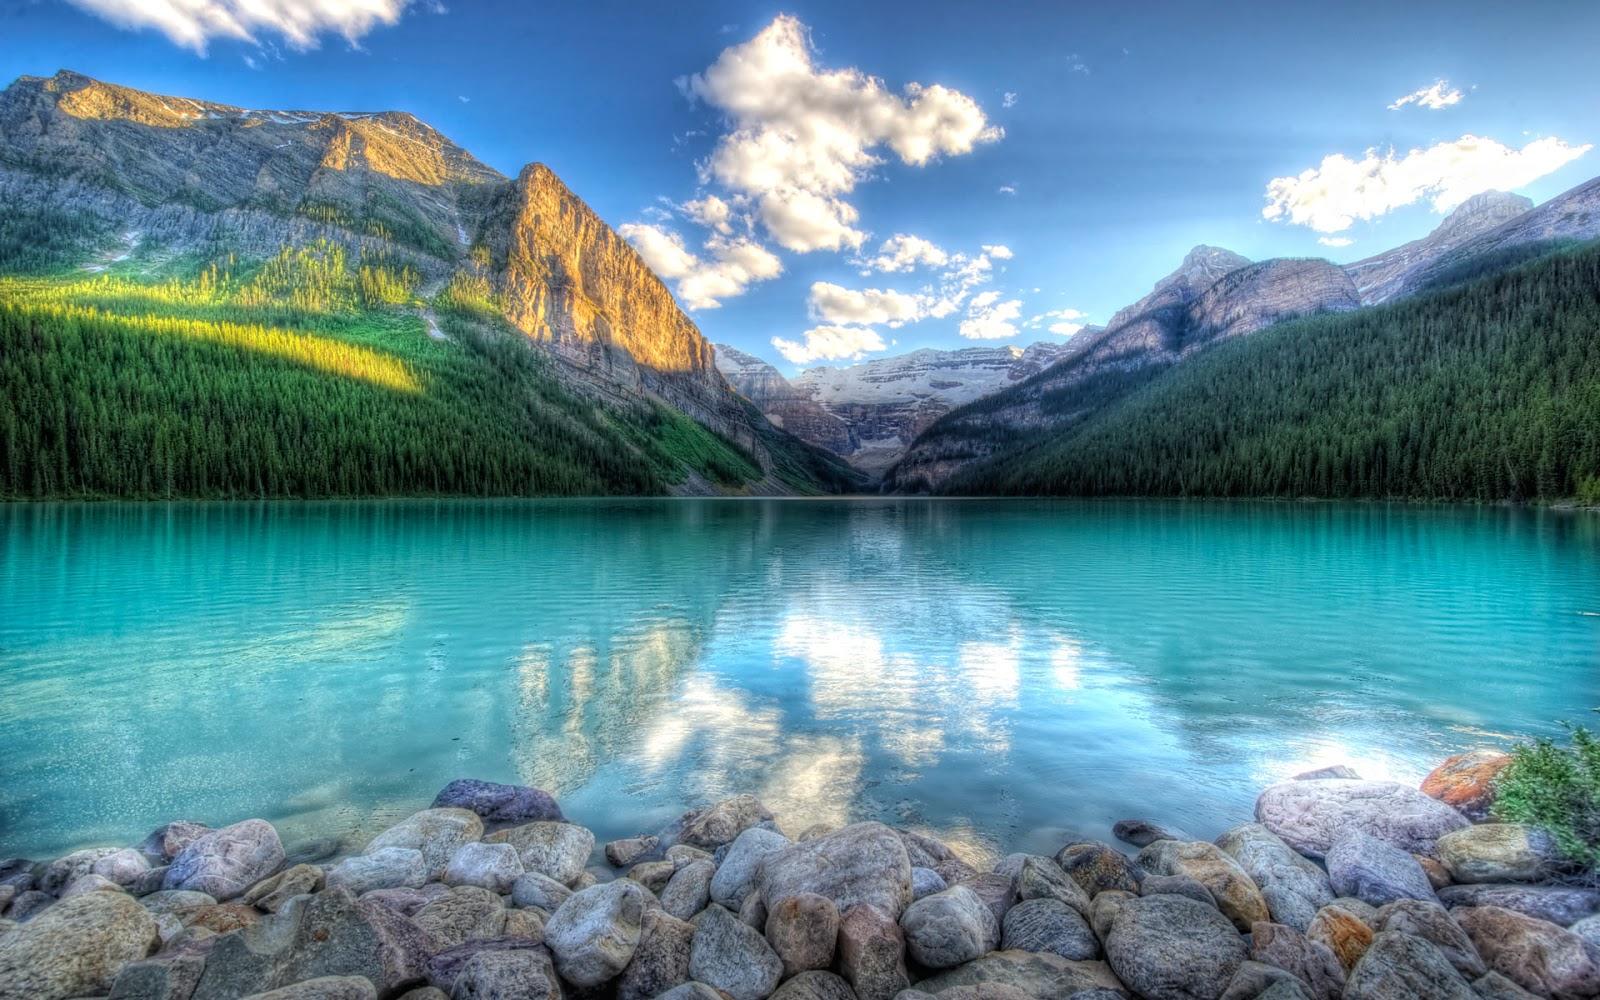 بالصور خلفيات طبيعية ساحرة , شاهد جمال الطبيعة الخلاب 6413 10